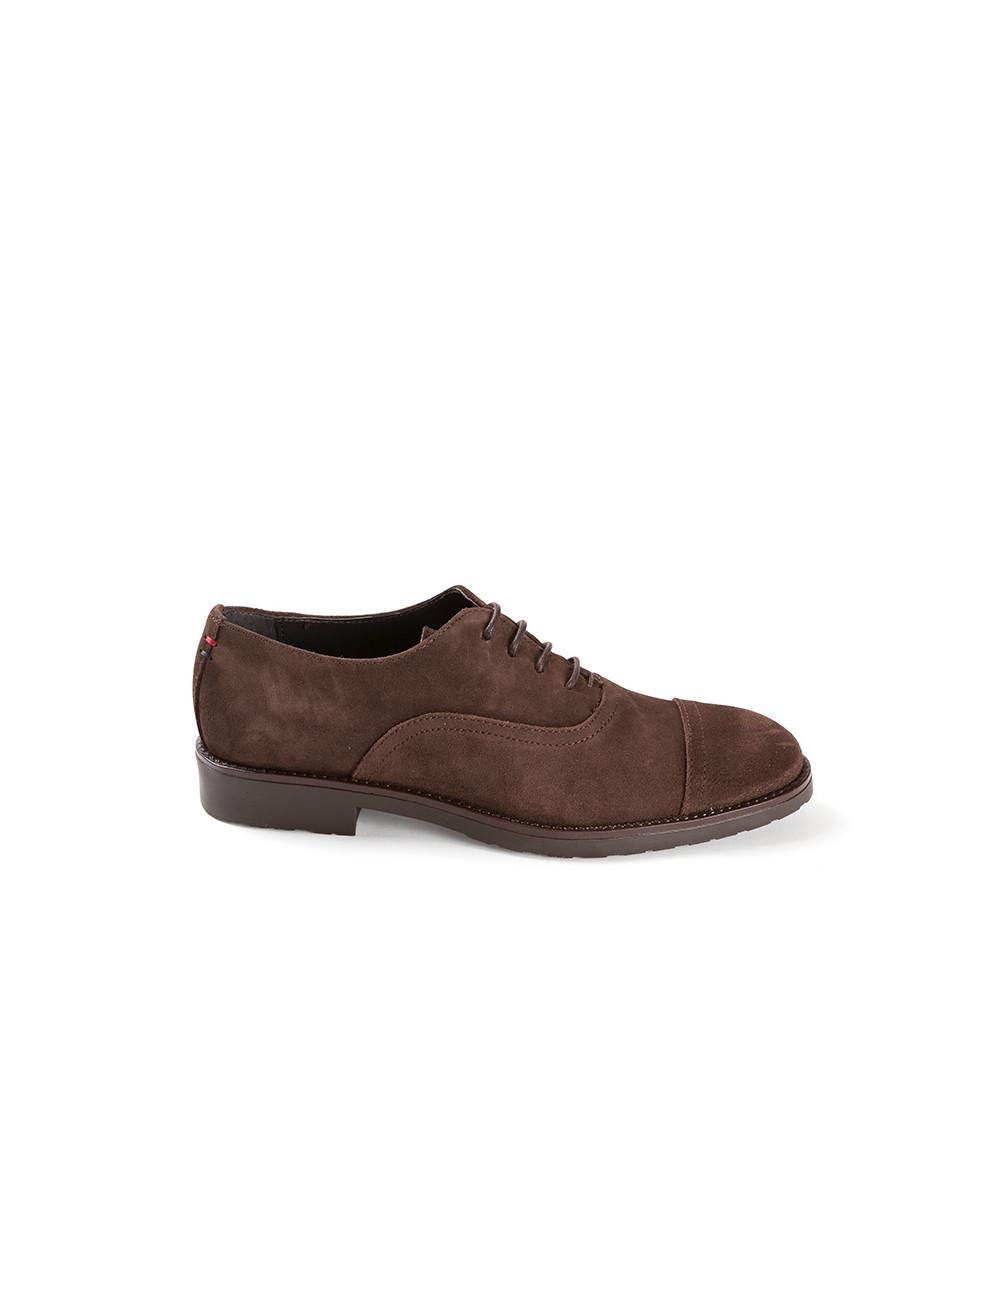 zapato-ingles-serraje-marron Scotta Seventimes